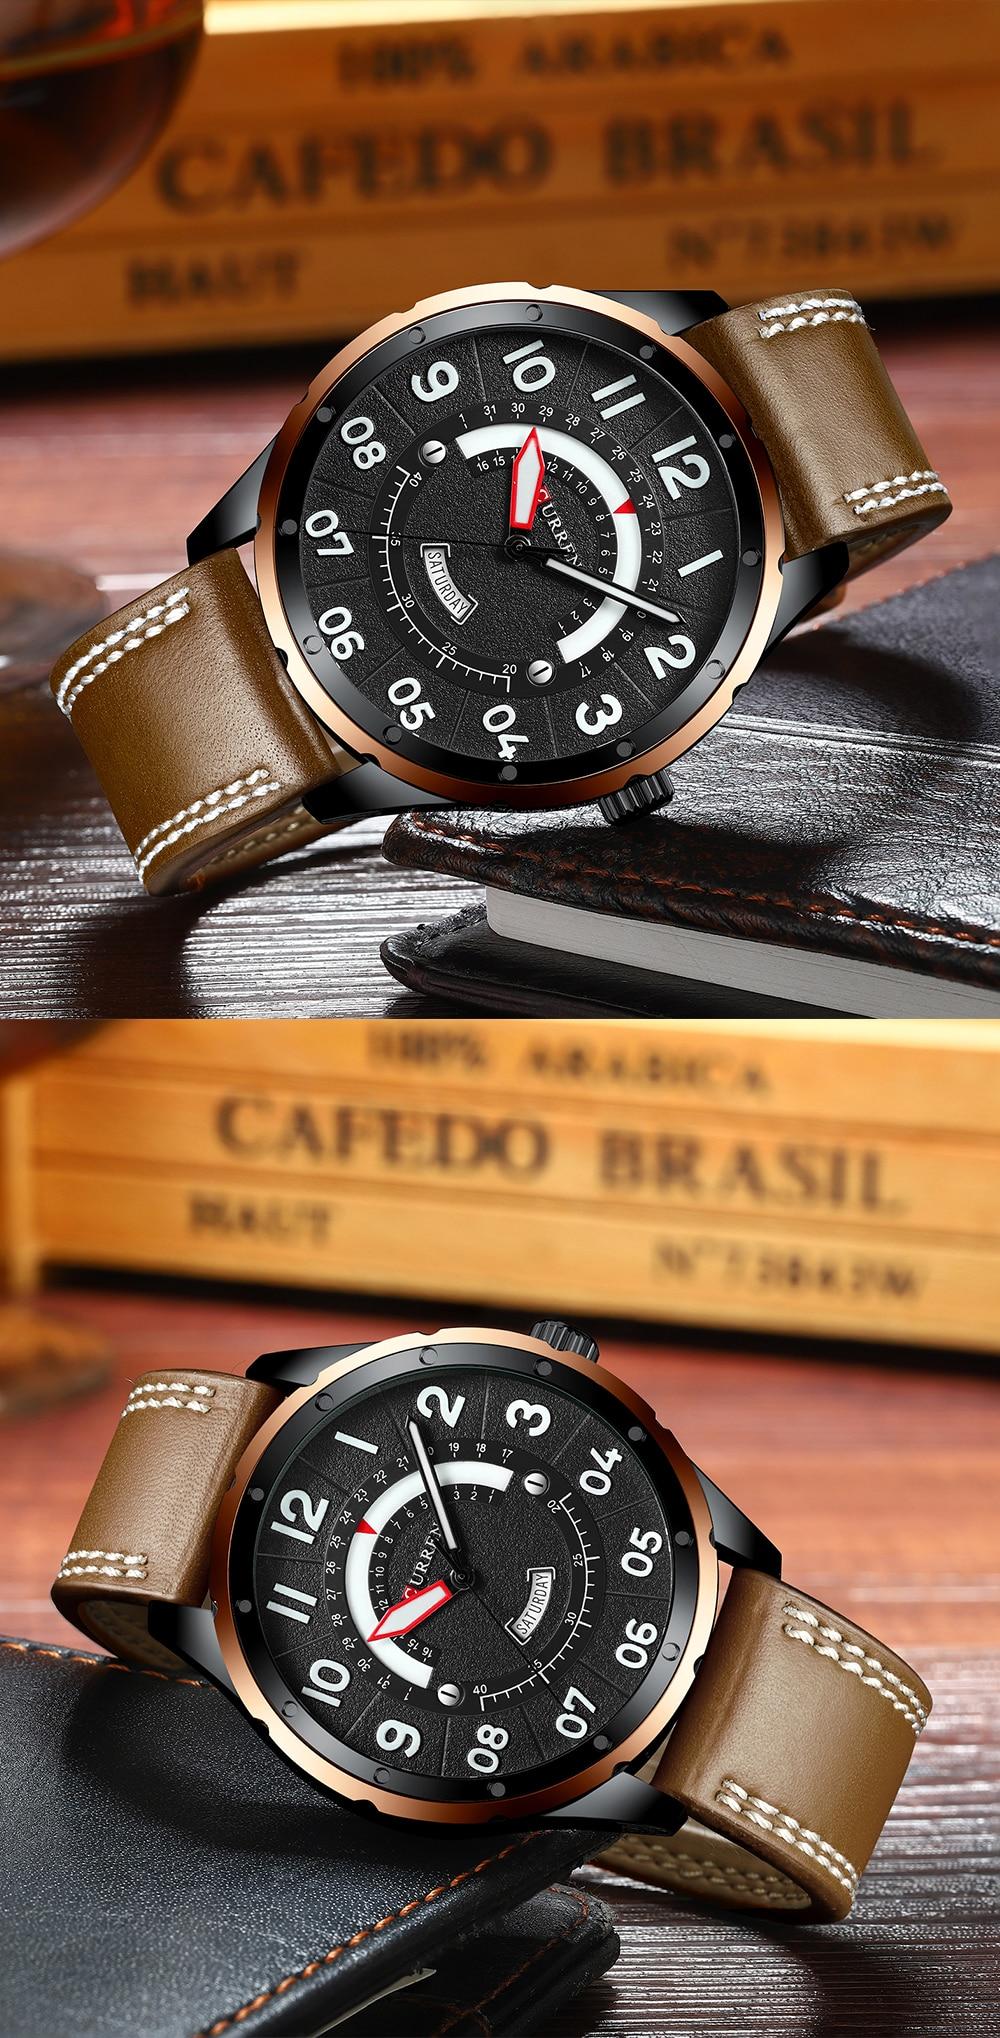 HTB11Ghtarr1gK0jSZR0q6zP8XXaH CURREN Date Mens Watches Luxury Sport Watch